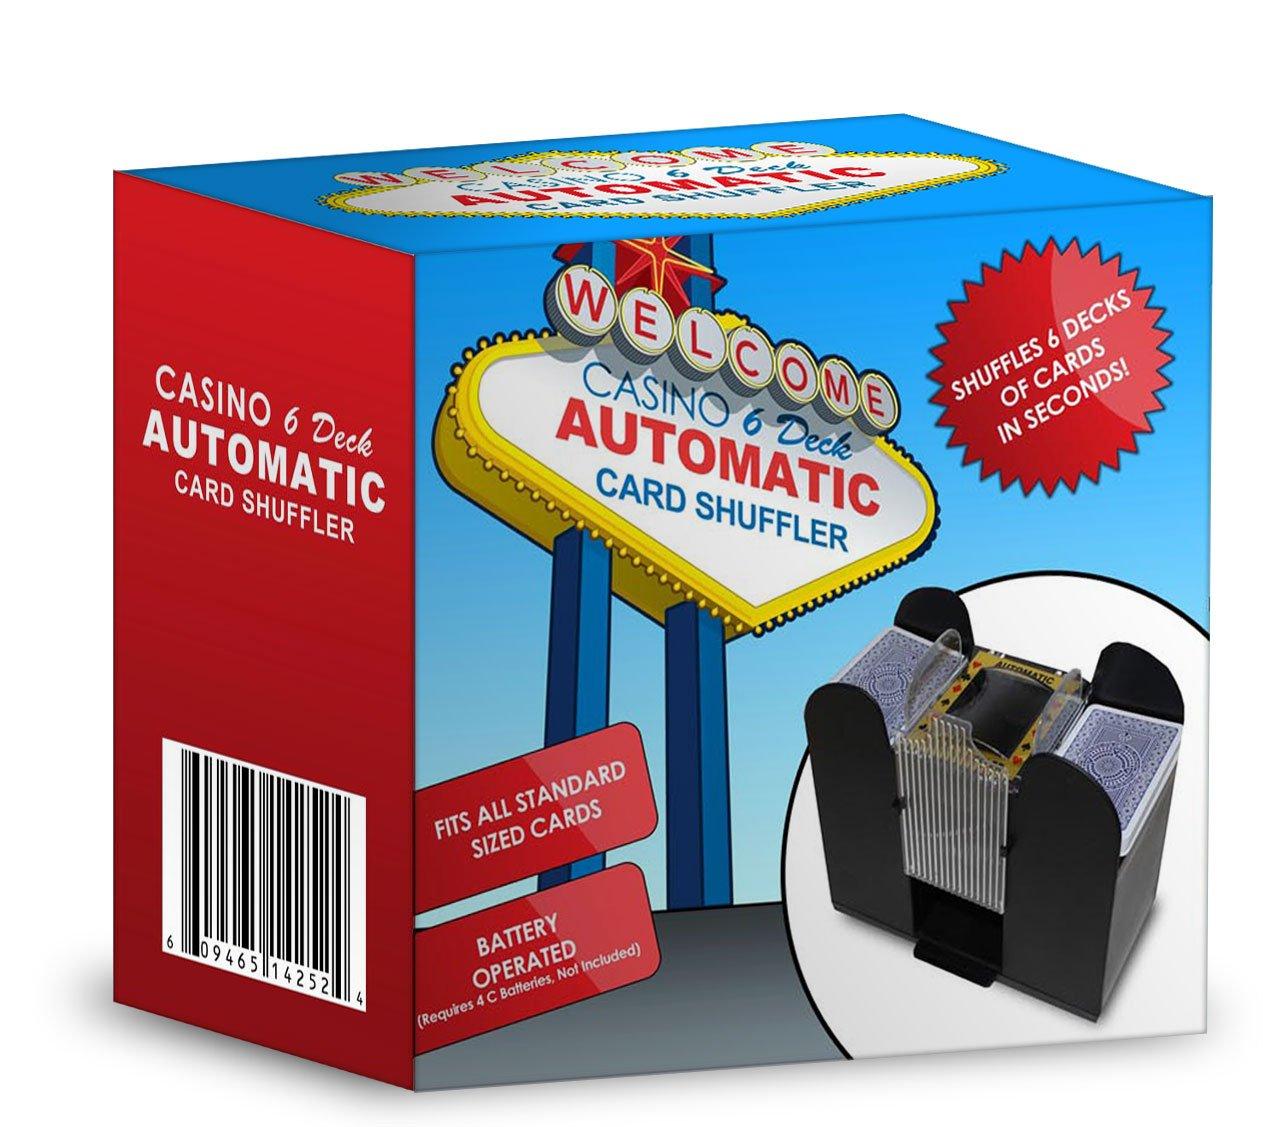 Brybelly GSHU-003 Casino 6 Deck Automatic Card Shuffler